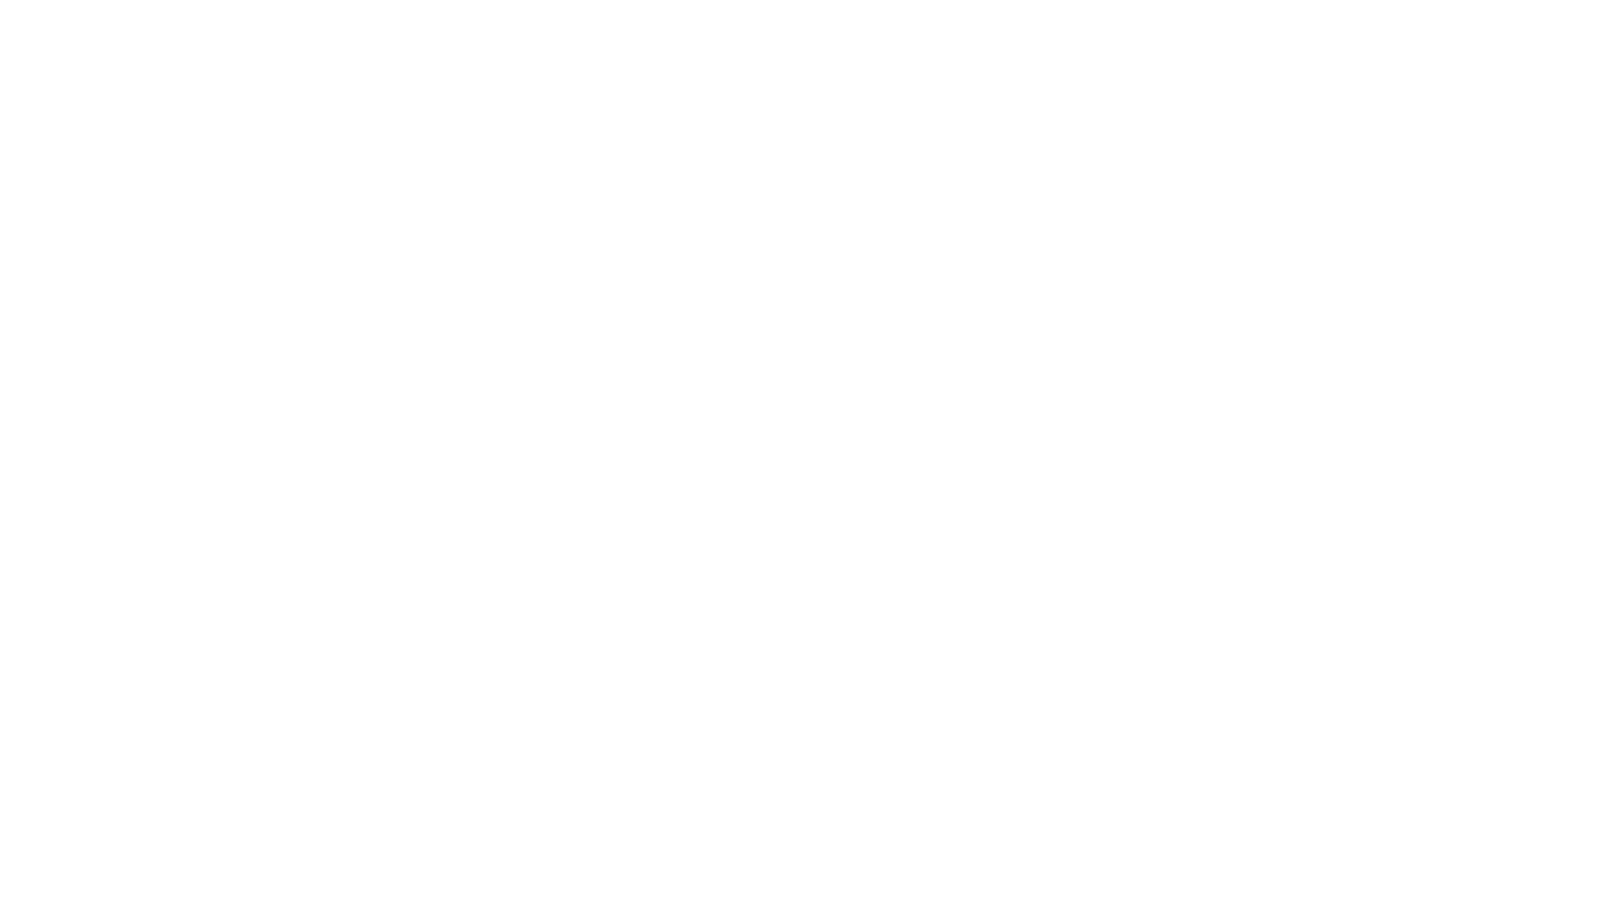 """Presentación libro """"ION de Platón"""" de los traductores José Domínguez y José Giménez, realizada el pasado 27 de Julio a las 17:00 horas vía ZoomVisítanos en: www.universitaria.cl"""